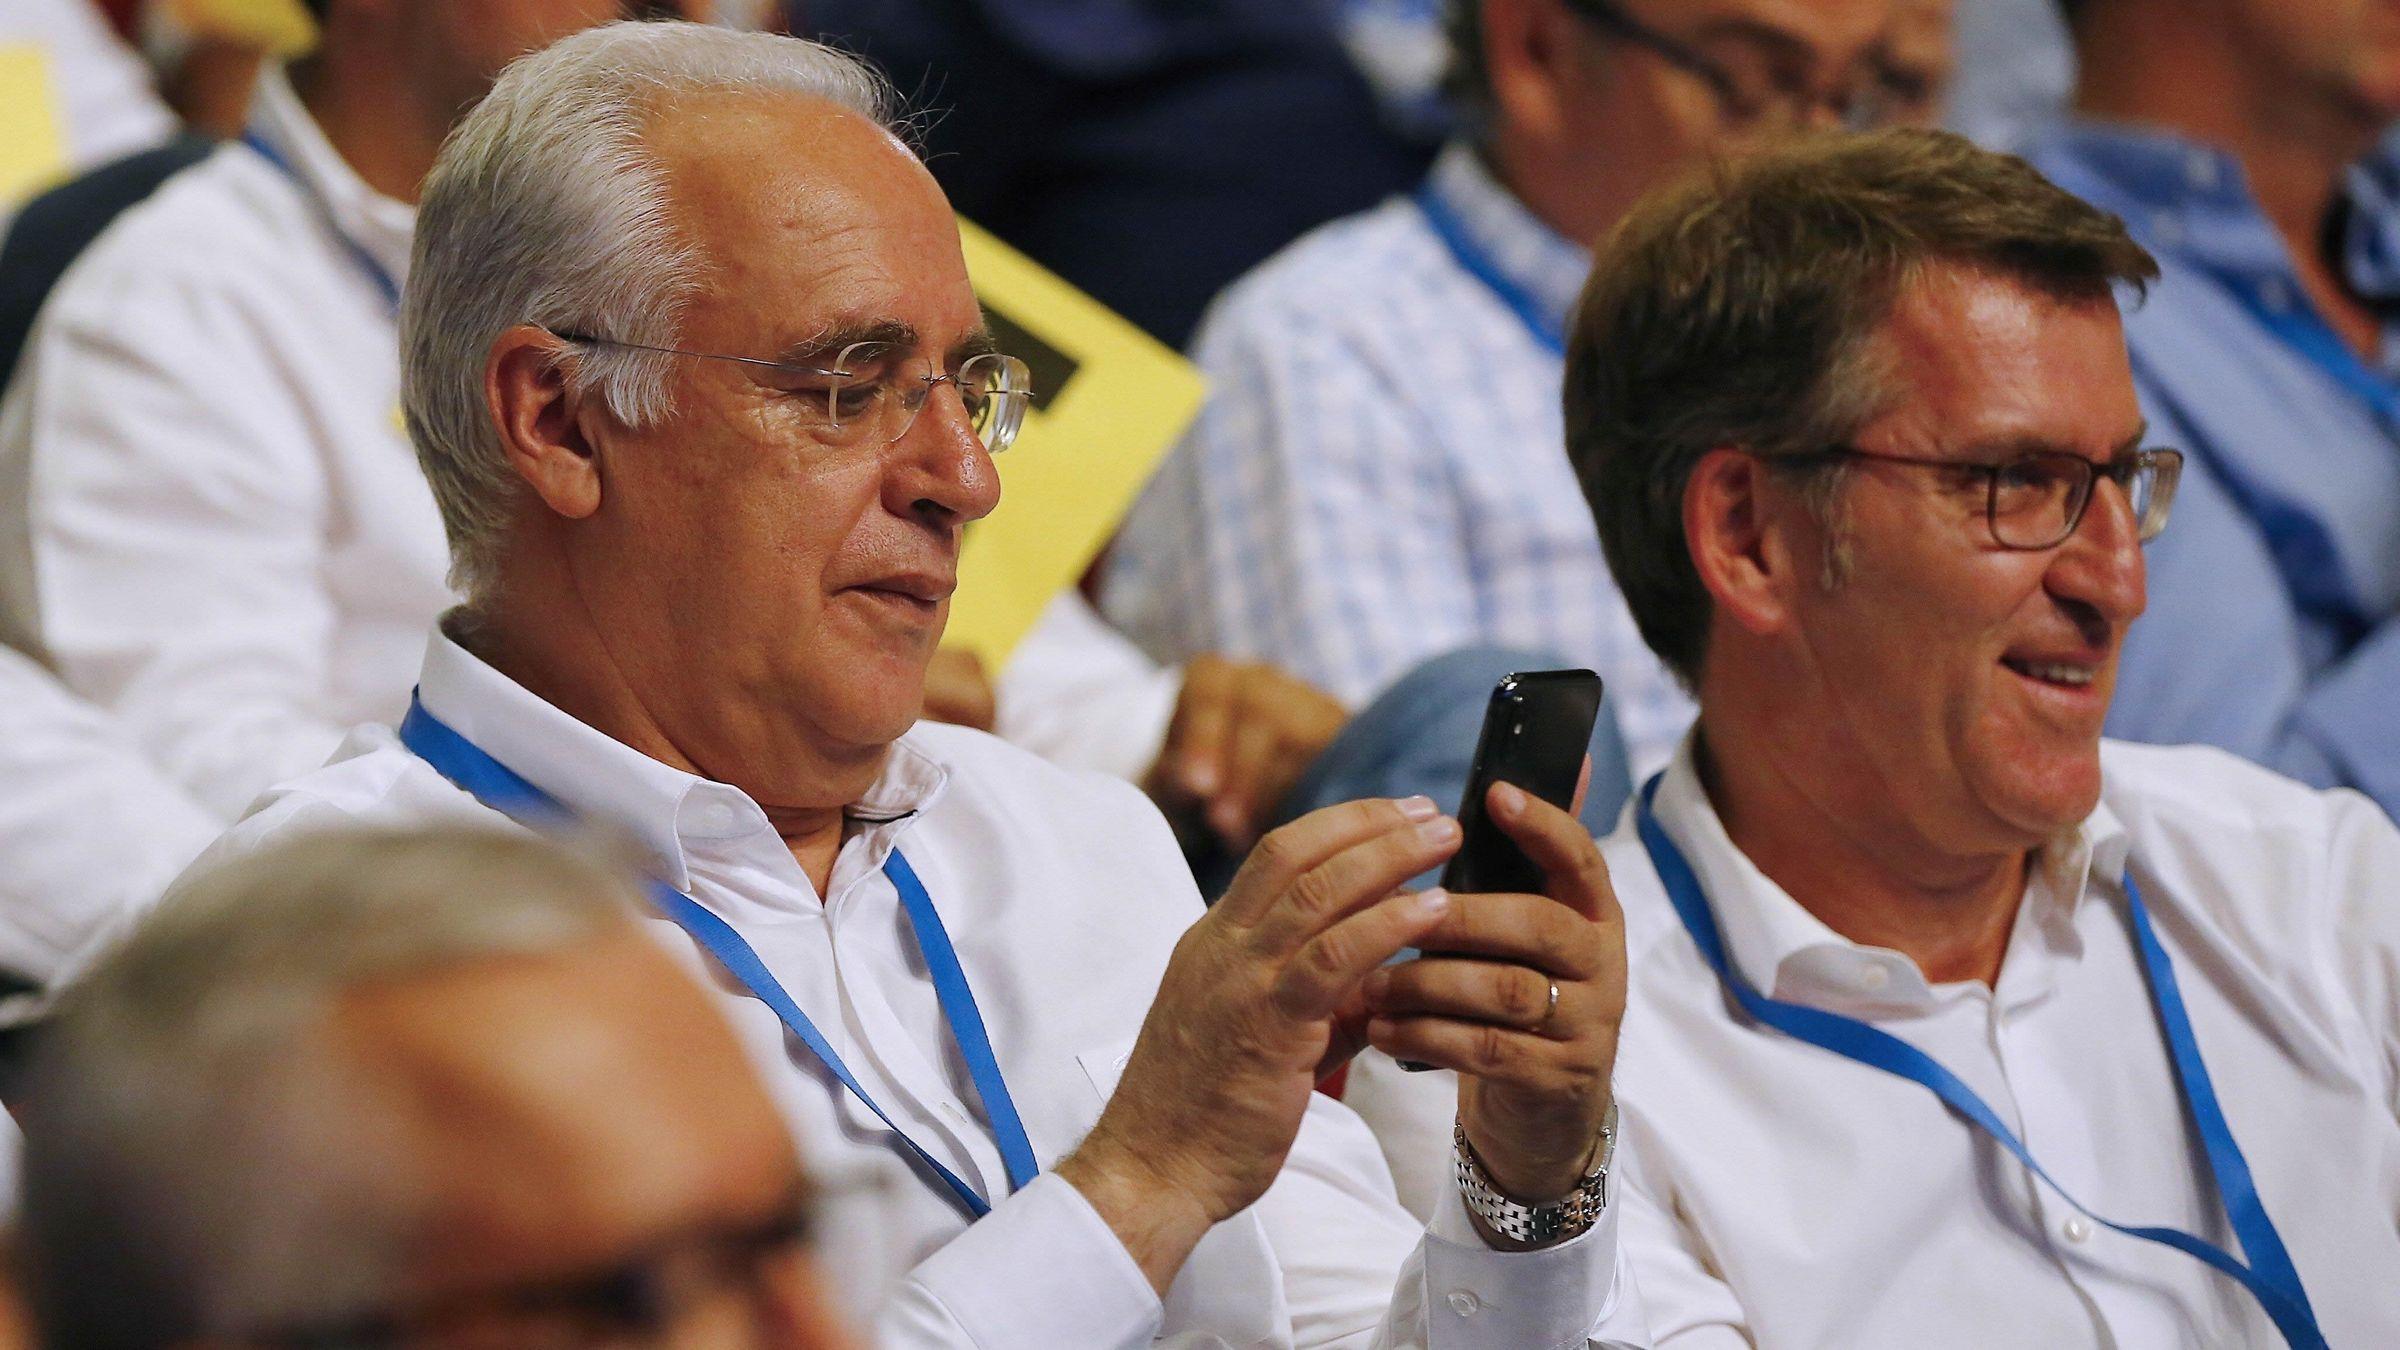 Casado promete una integración plena de Sáenz de Santamaría y su equipo.Pablo Álvarez-Pire y Reyes Fernández Hurlé